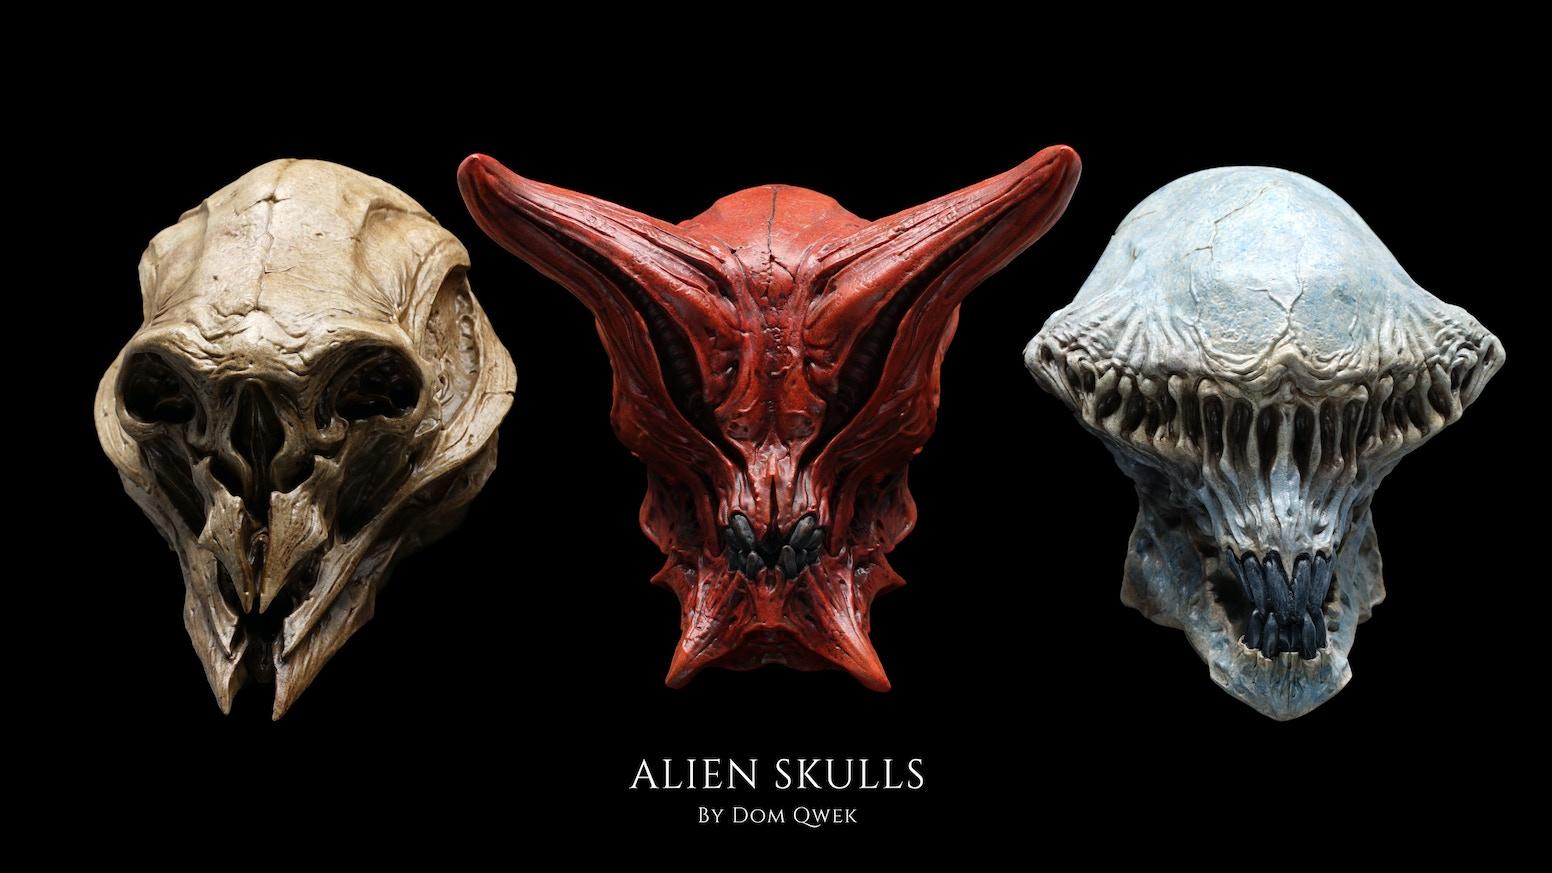 Alien Skulls sculpted by artist Dom Qwek presented as collectible art sculpture.